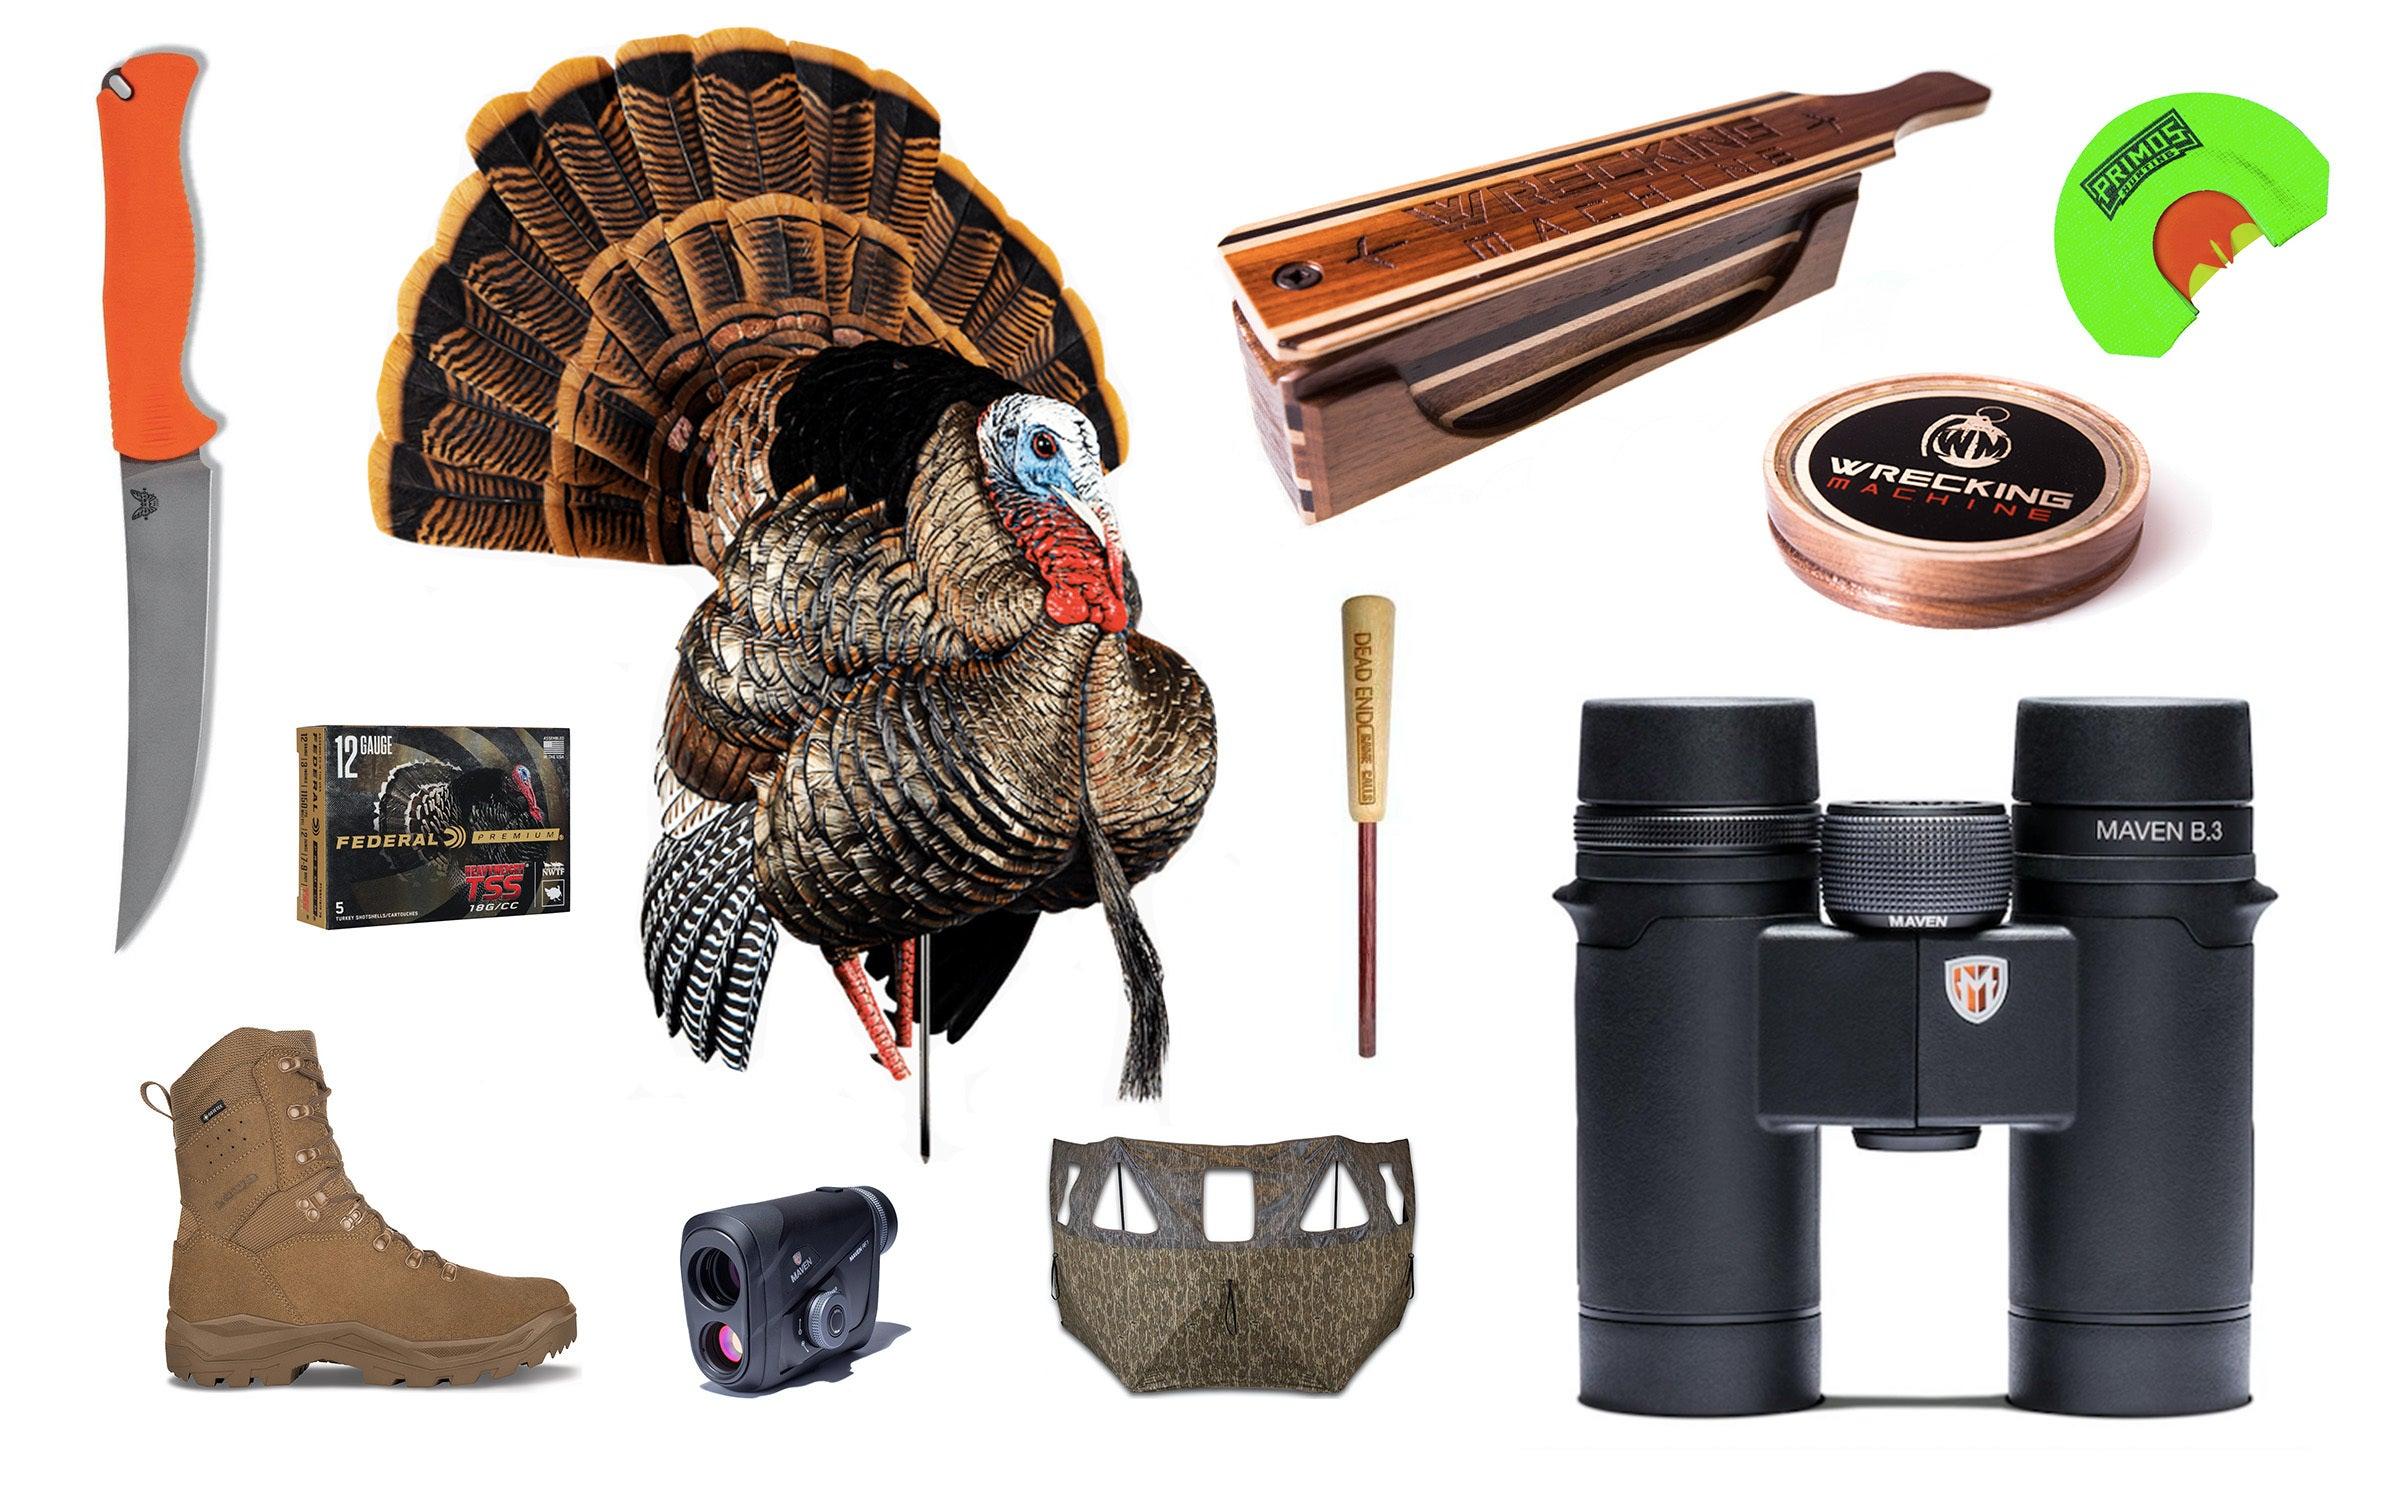 turkey gear collage on white background